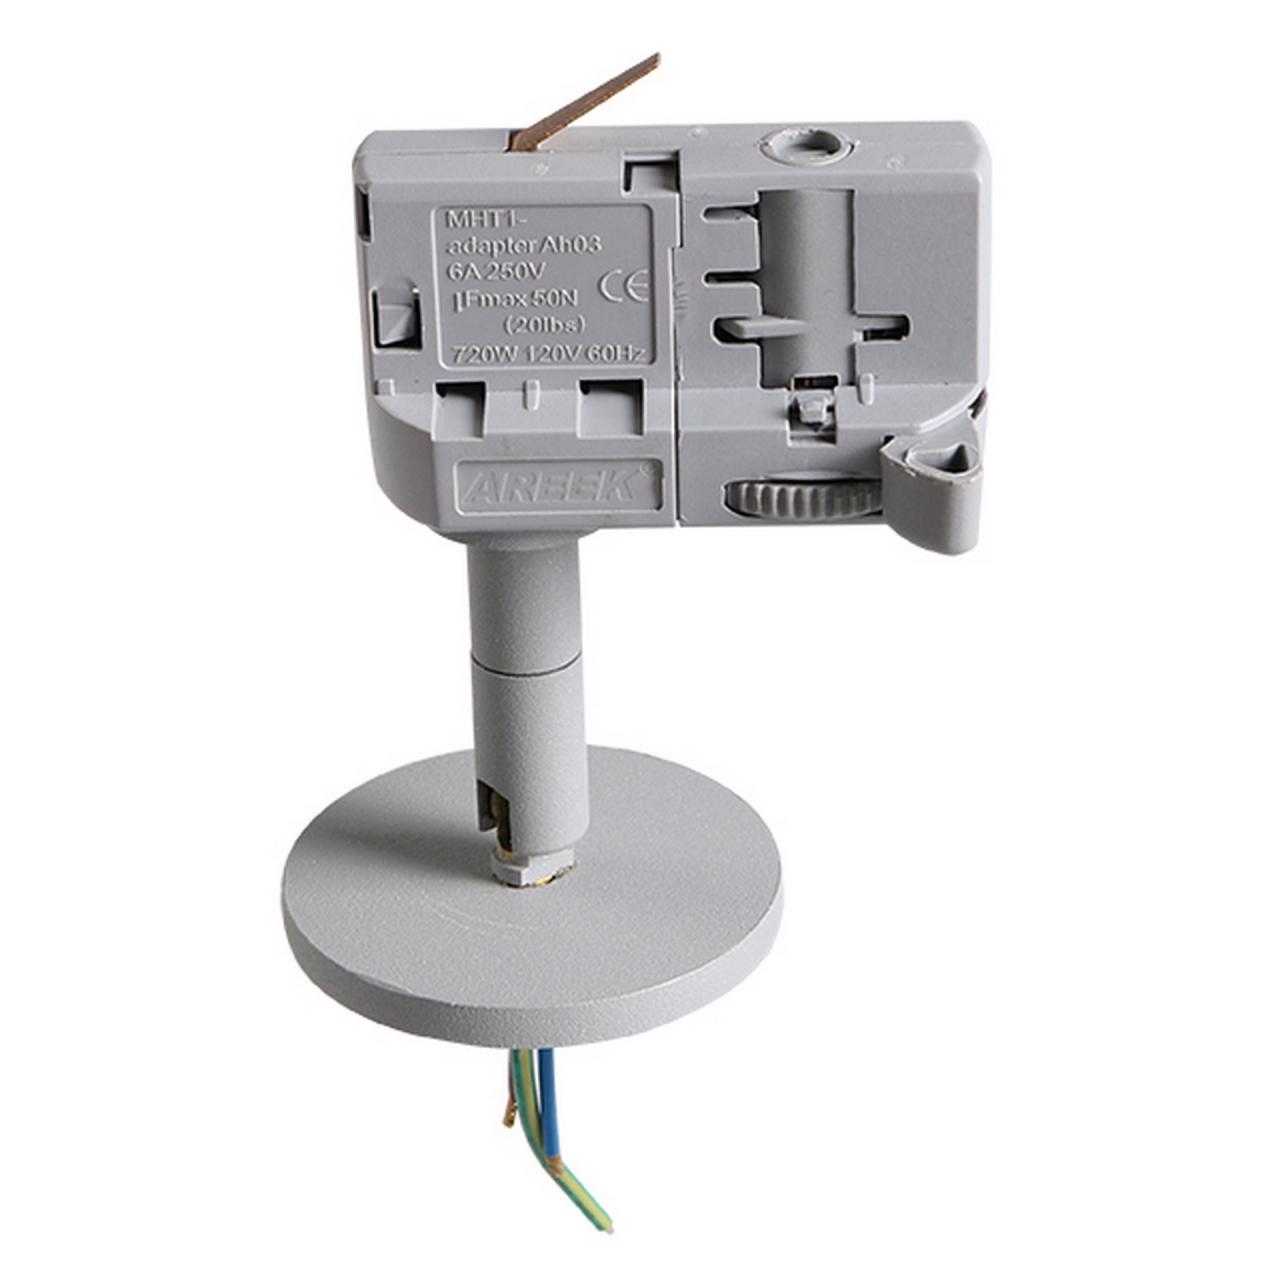 Трековое крепление Asta с 3-фазным адаптером к 21443х/21448x/21449x серый Lightstar 594059